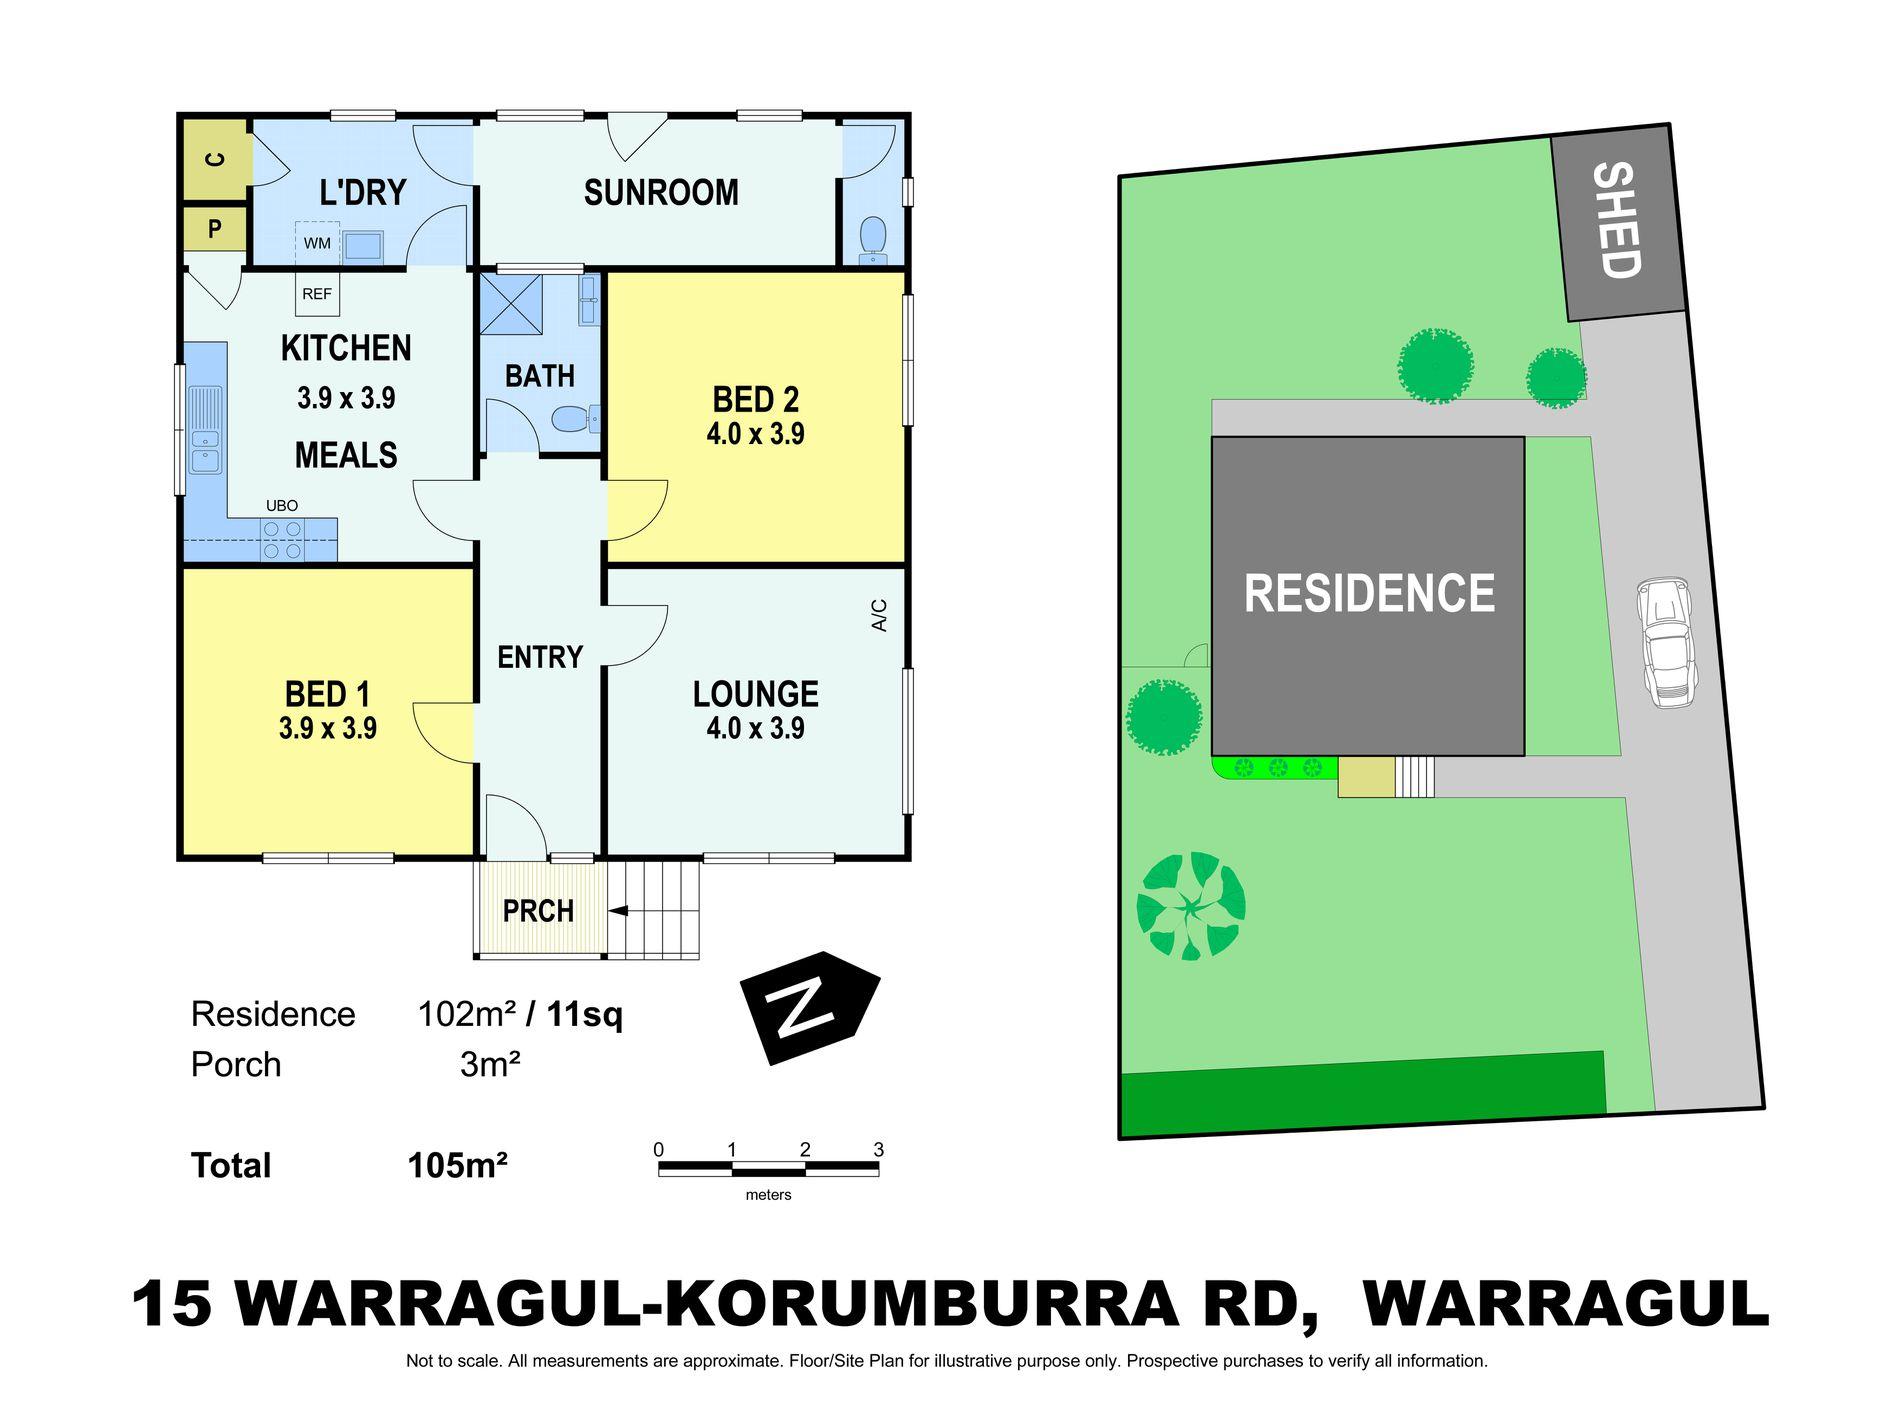 15 Korumburra-Warragul Road, Warragul